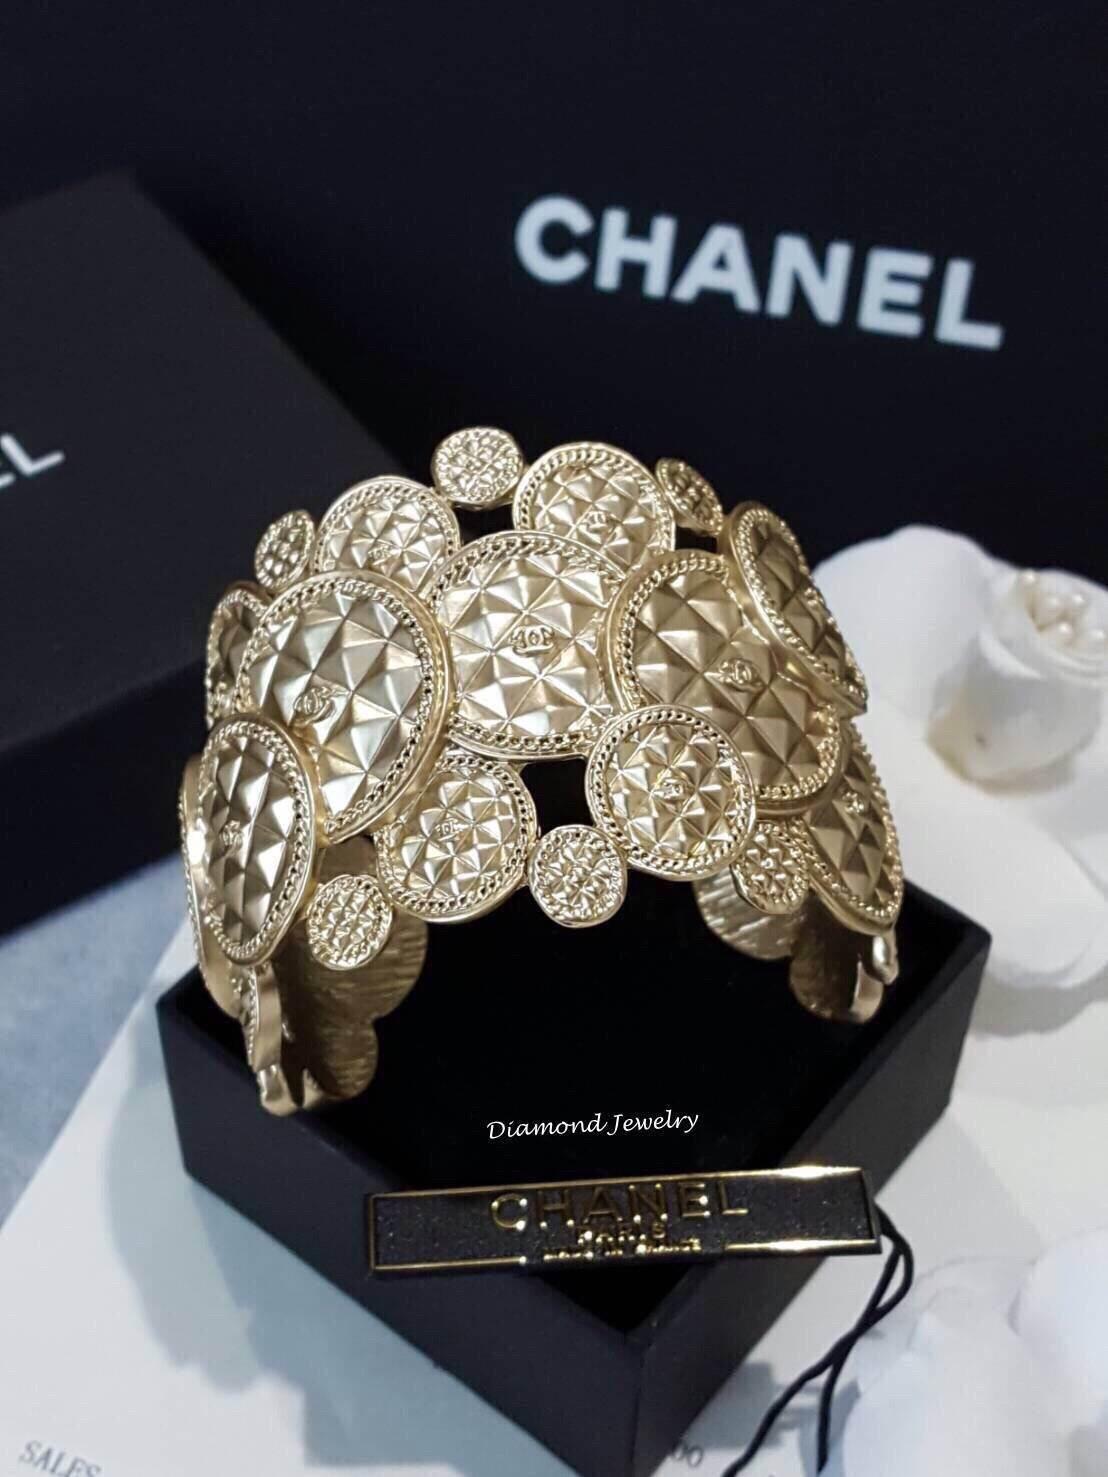 พร้อมส่ง Chanel Cuffs งานเหมือนแท้ที่ซูดดด